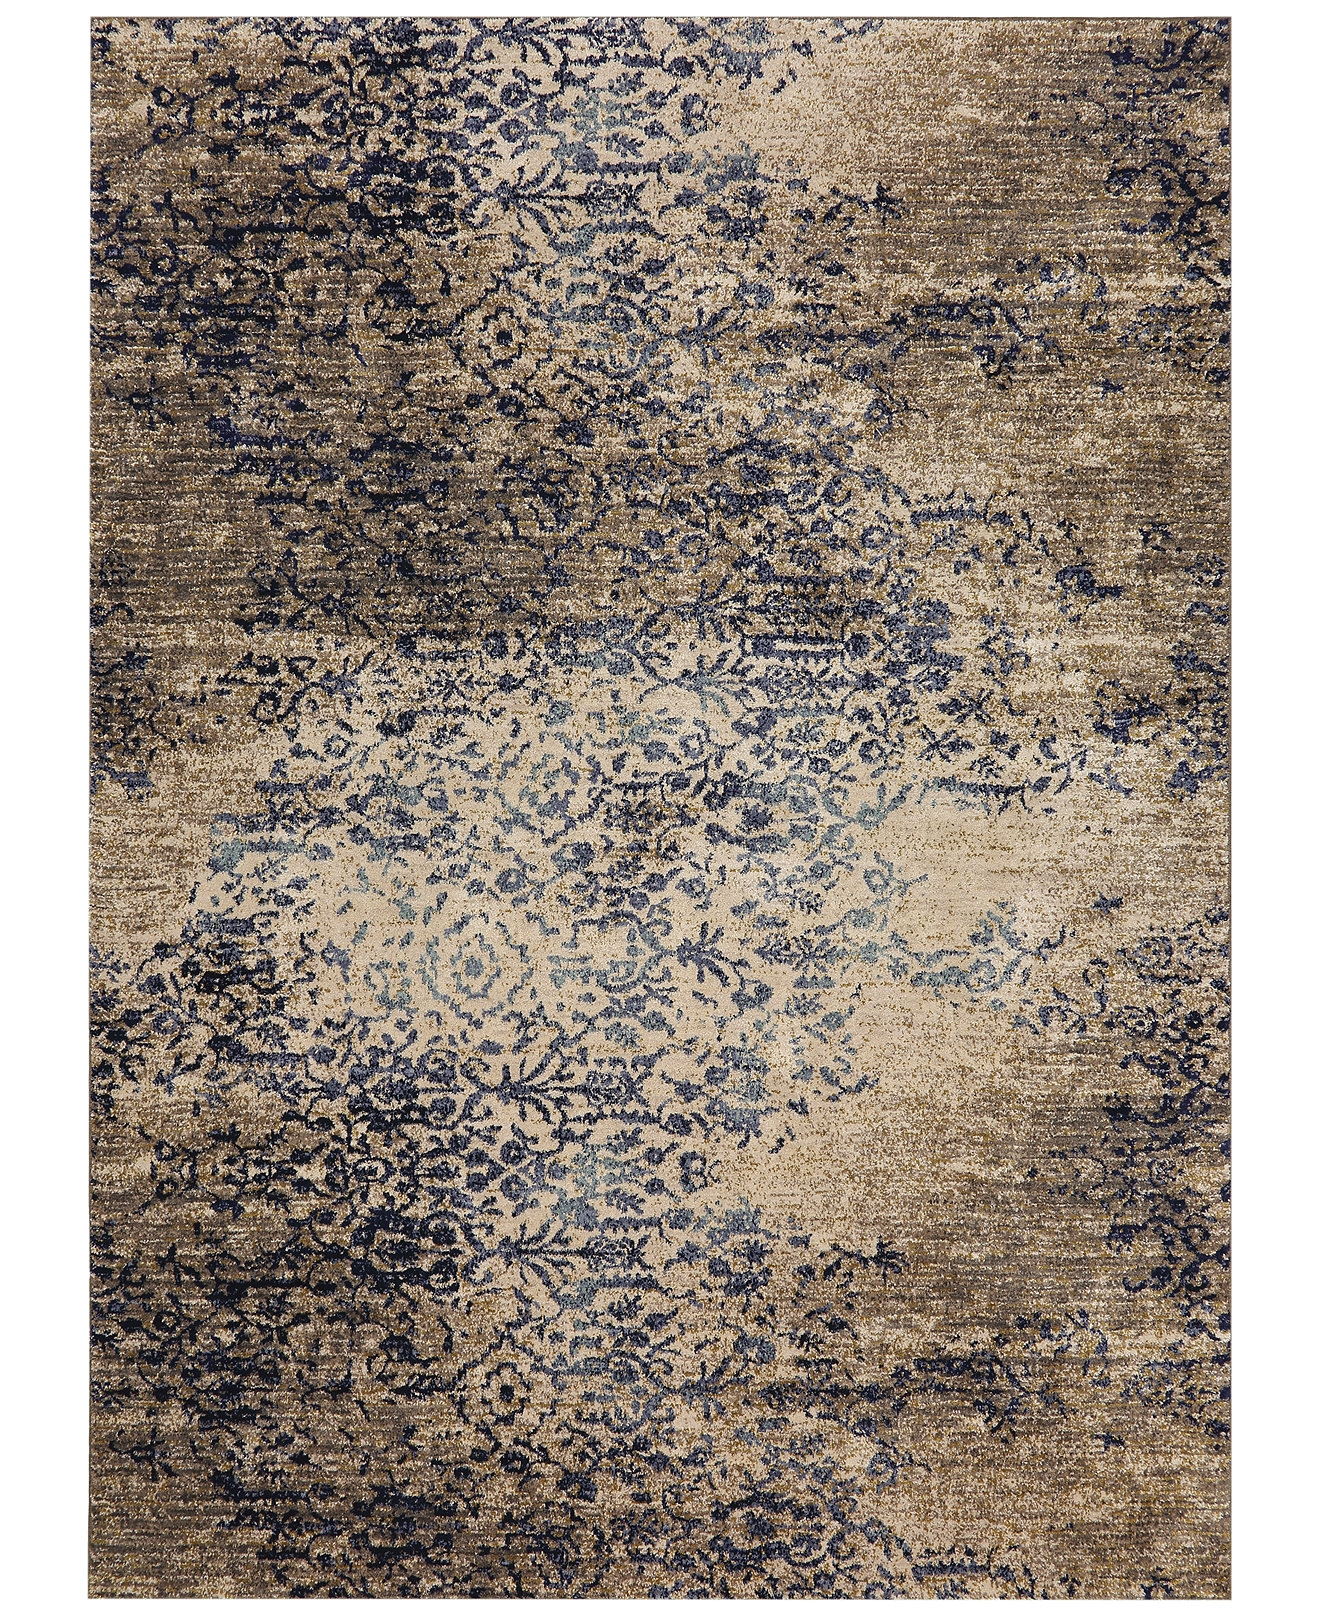 Floor Dazzling Design Of Karastan Rugs For Floor Decoration Ideas With Regard To Karastan Wool Area Rugs (#5 of 7)